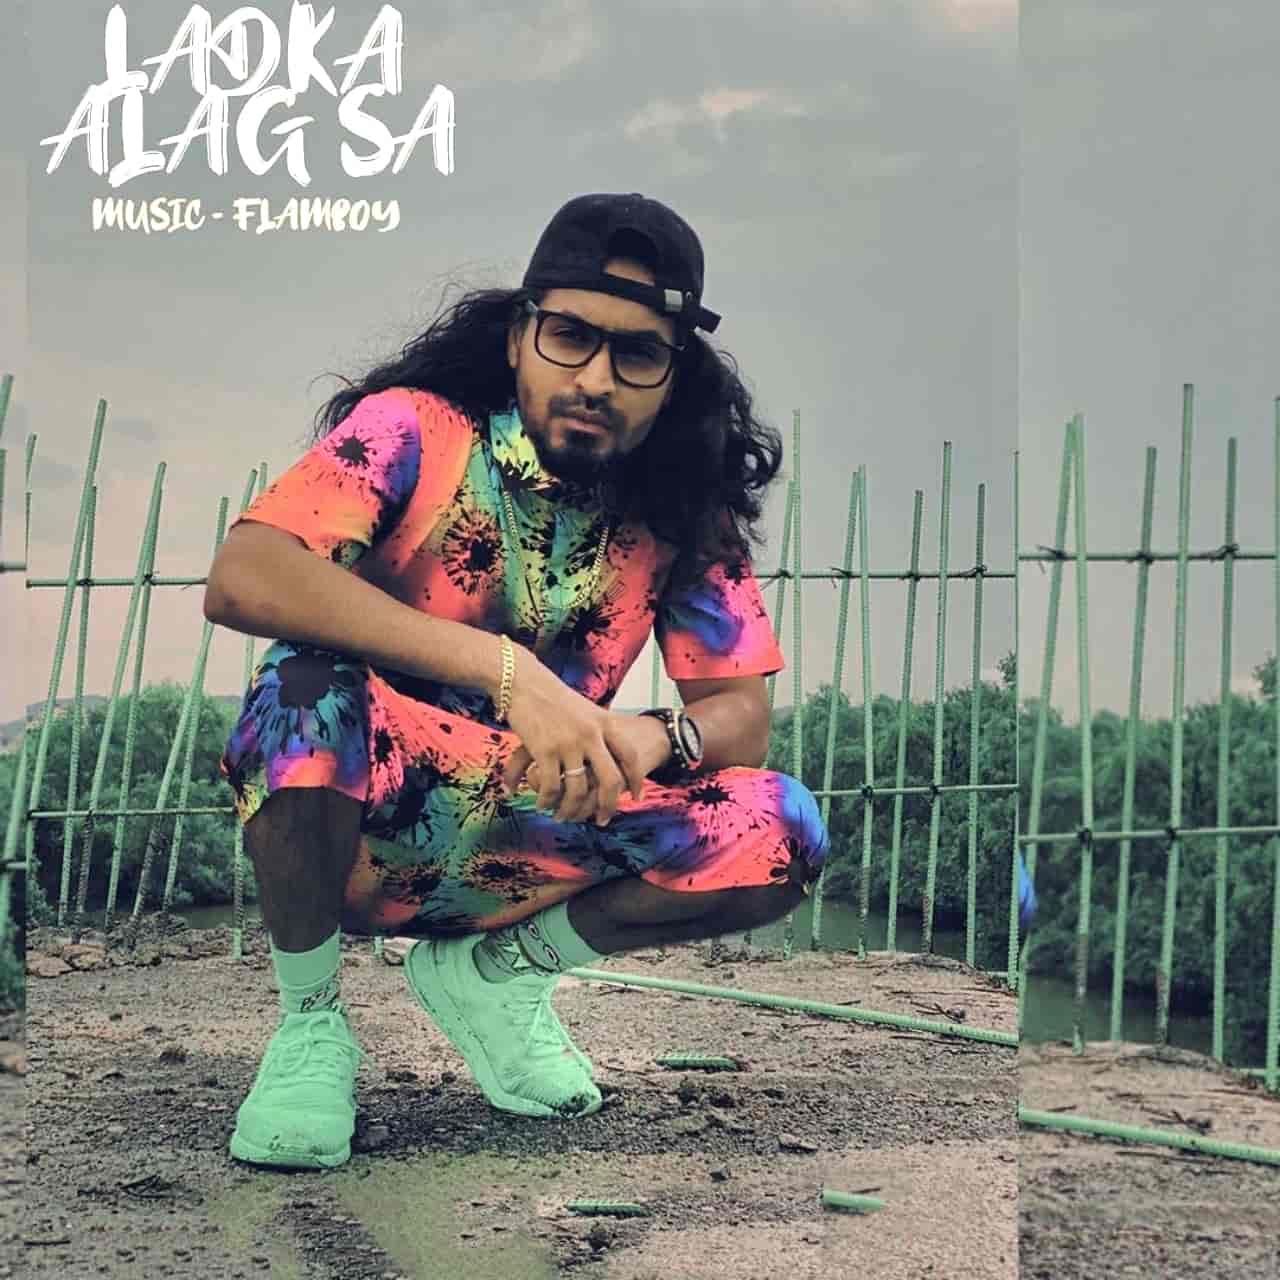 Ladka Alag Sa Rap Song Image Features Emiway Bantai